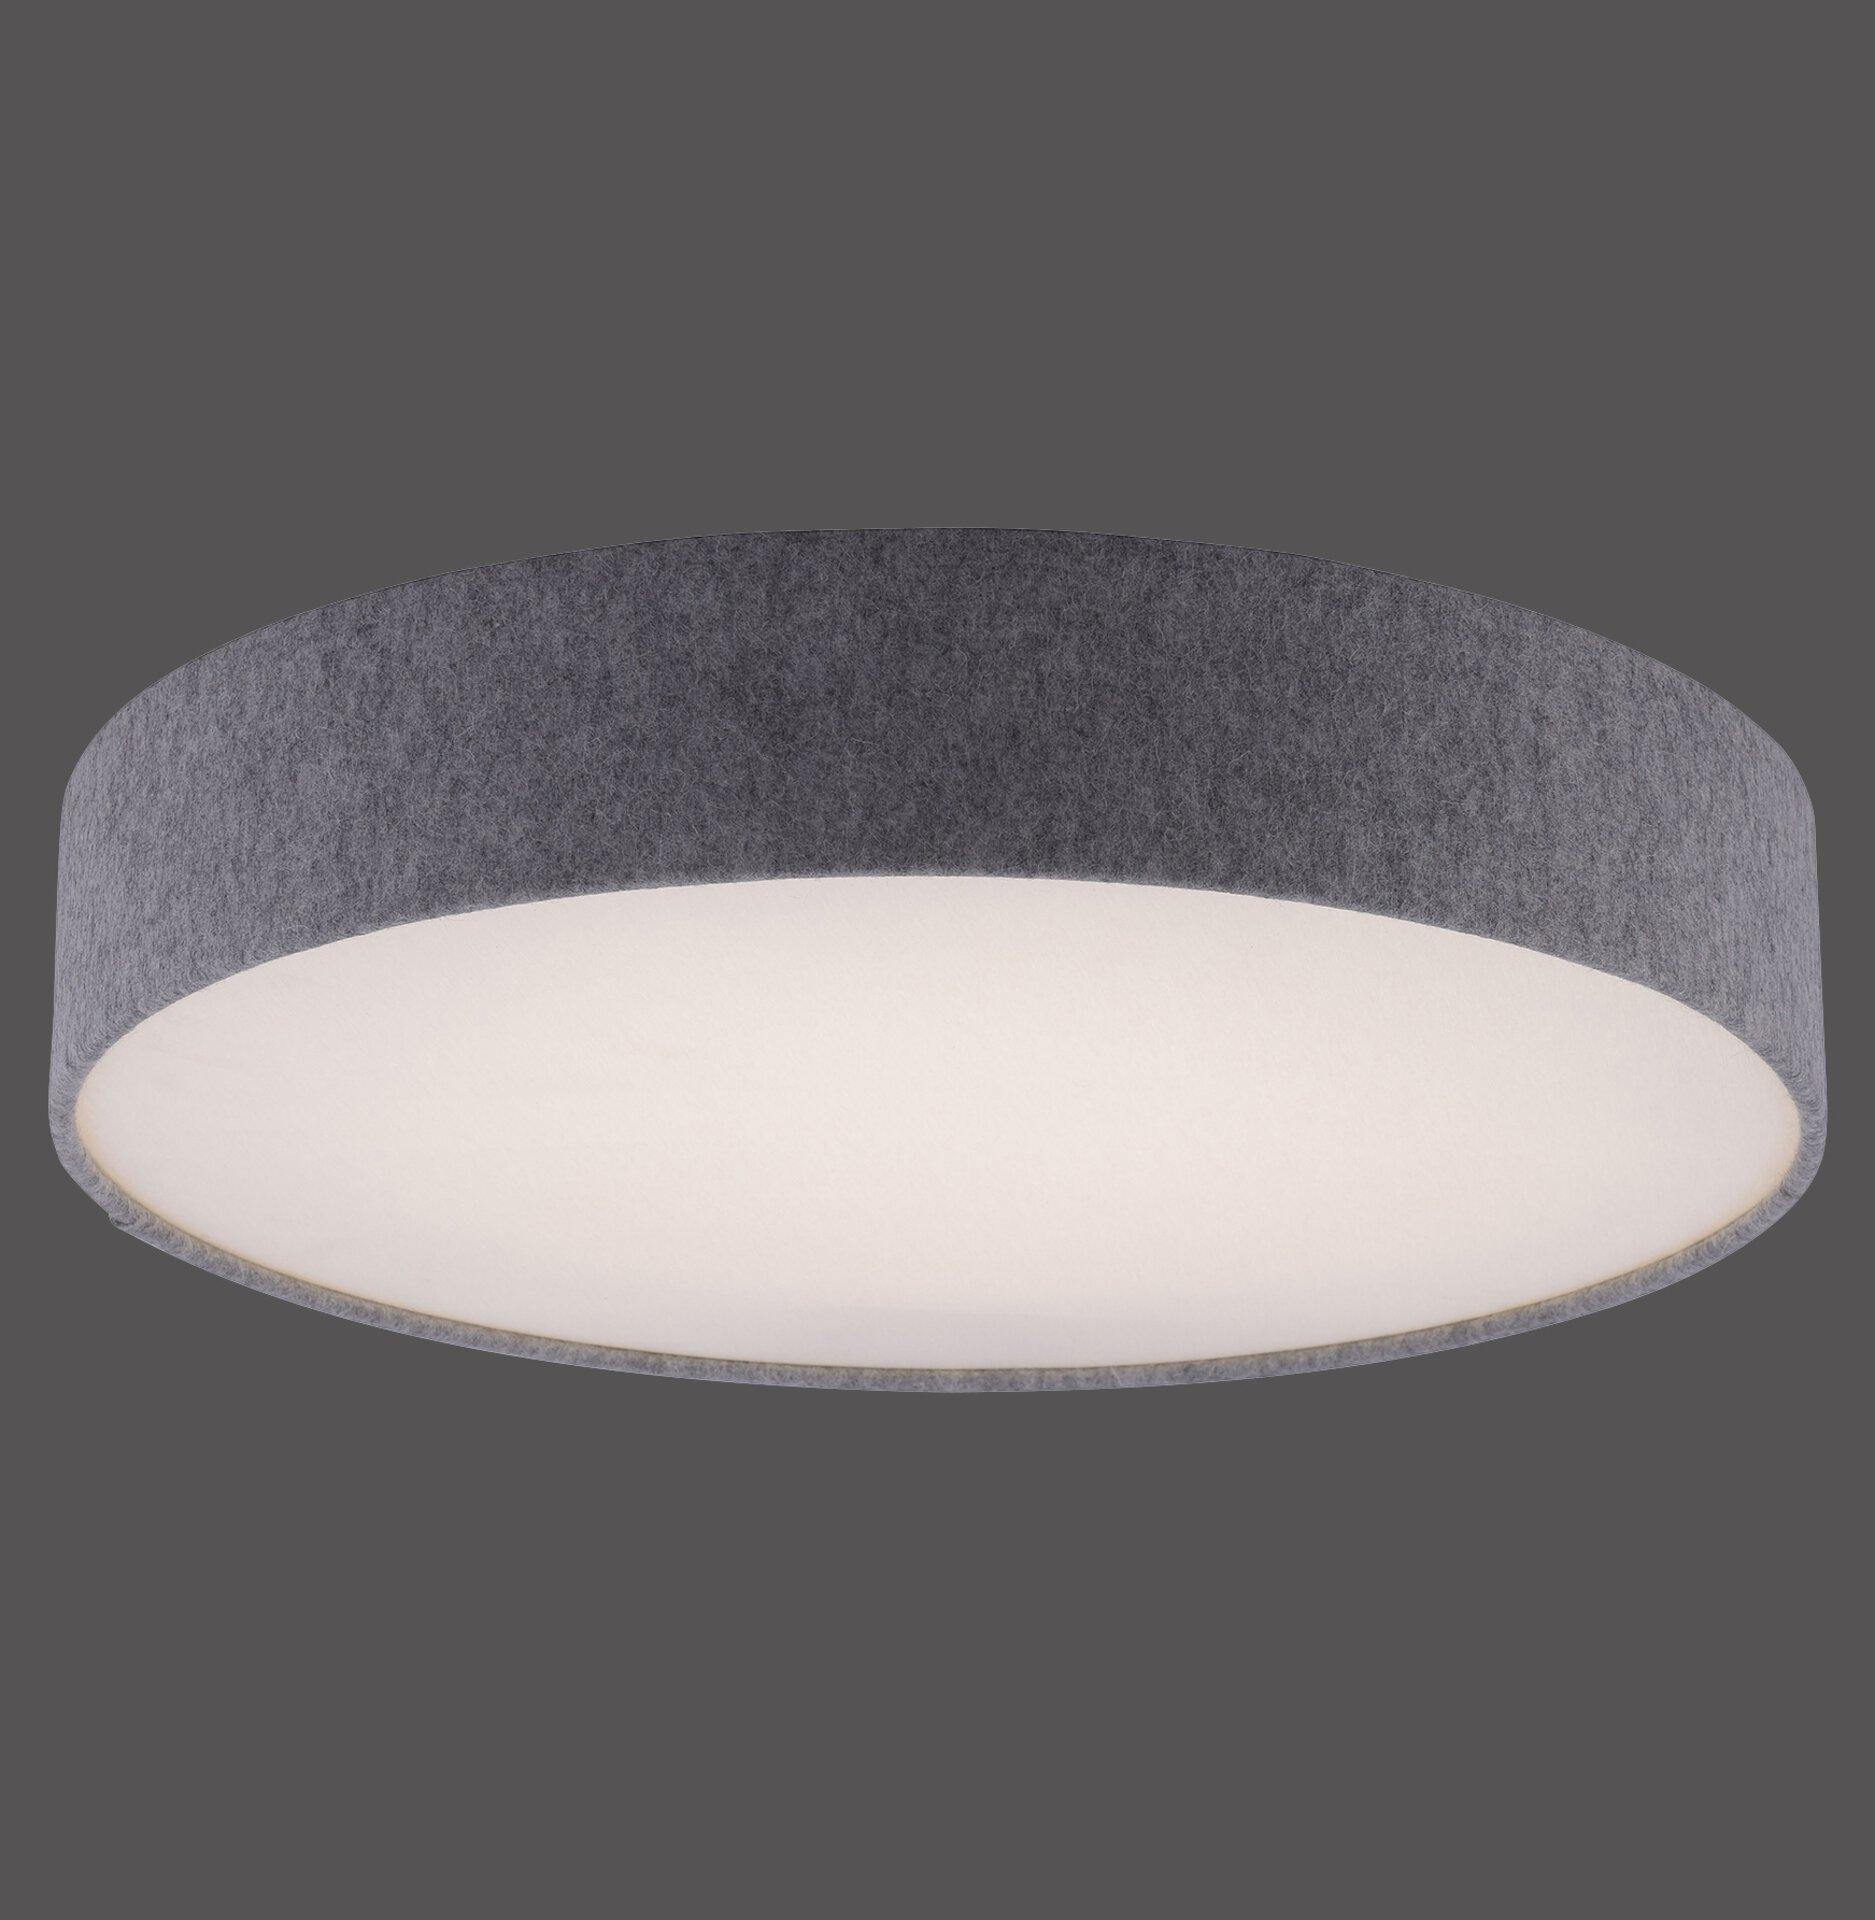 Smart-Home-Leuchten Q-KIARA Paul Neuhaus Metall grau 58 x 11 x 58 cm